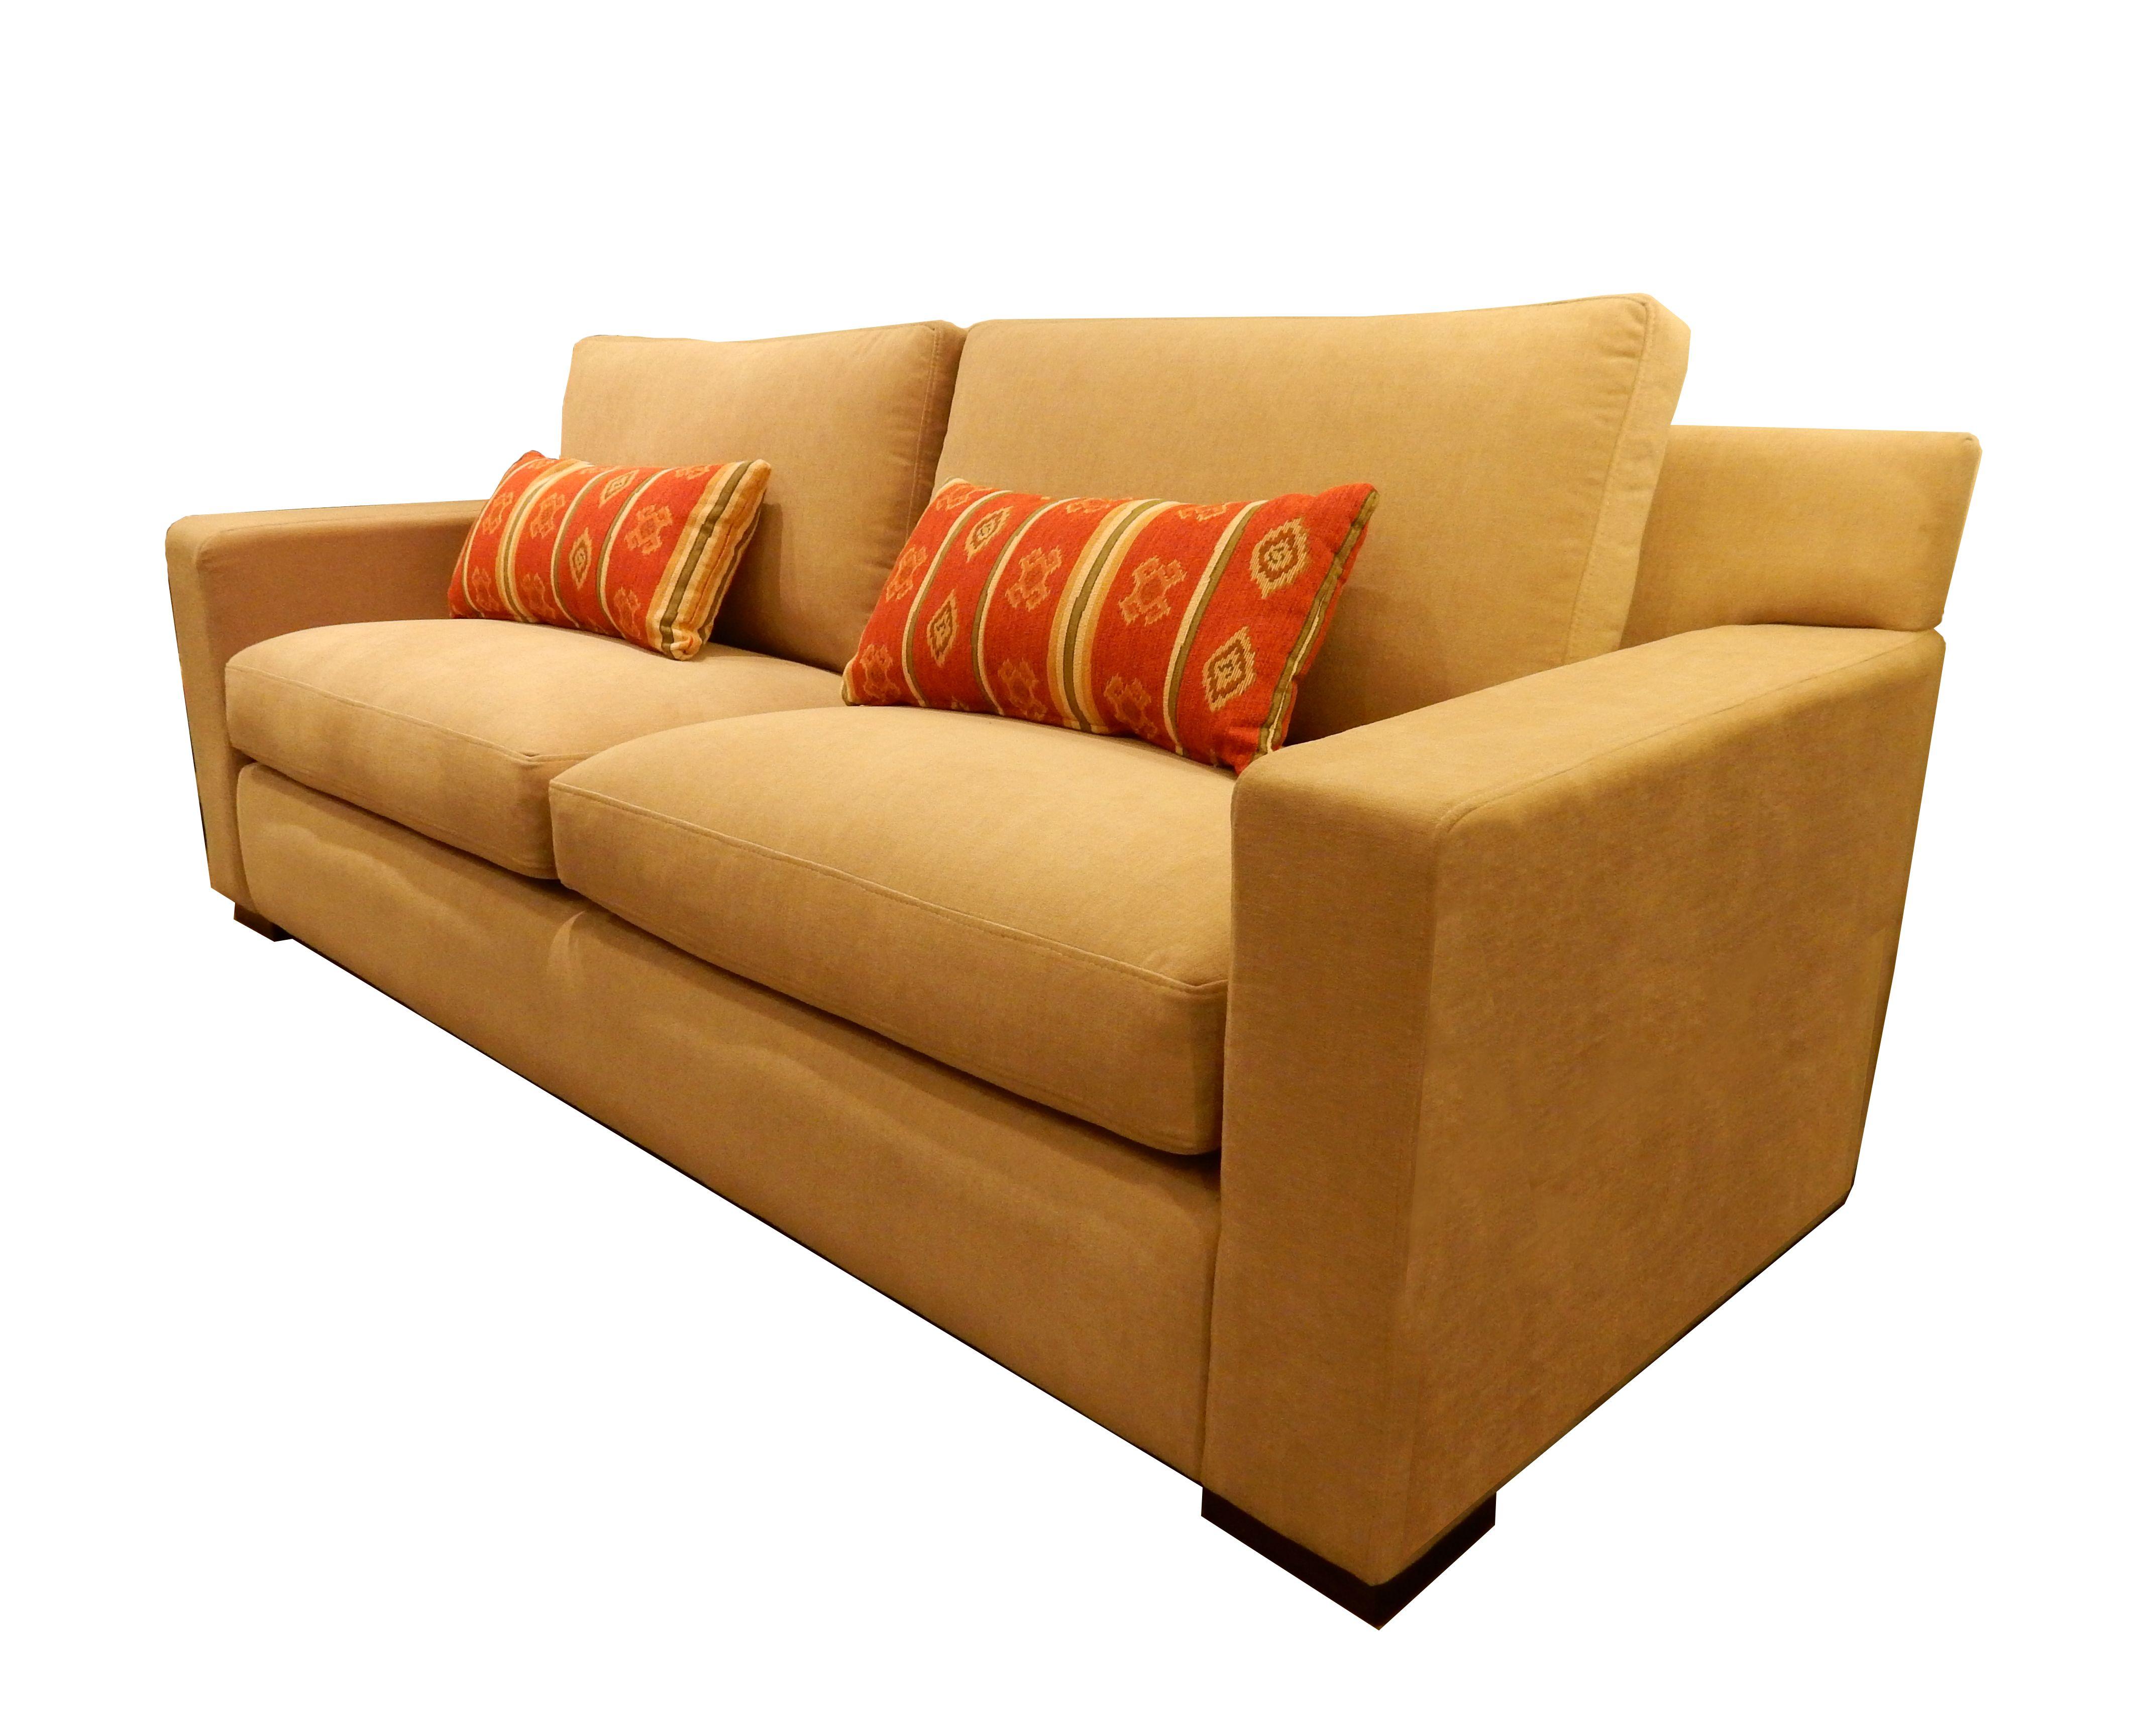 Sof urbano de tres cuerpos tapizado en tela antimanchas - Sofa para tres ...